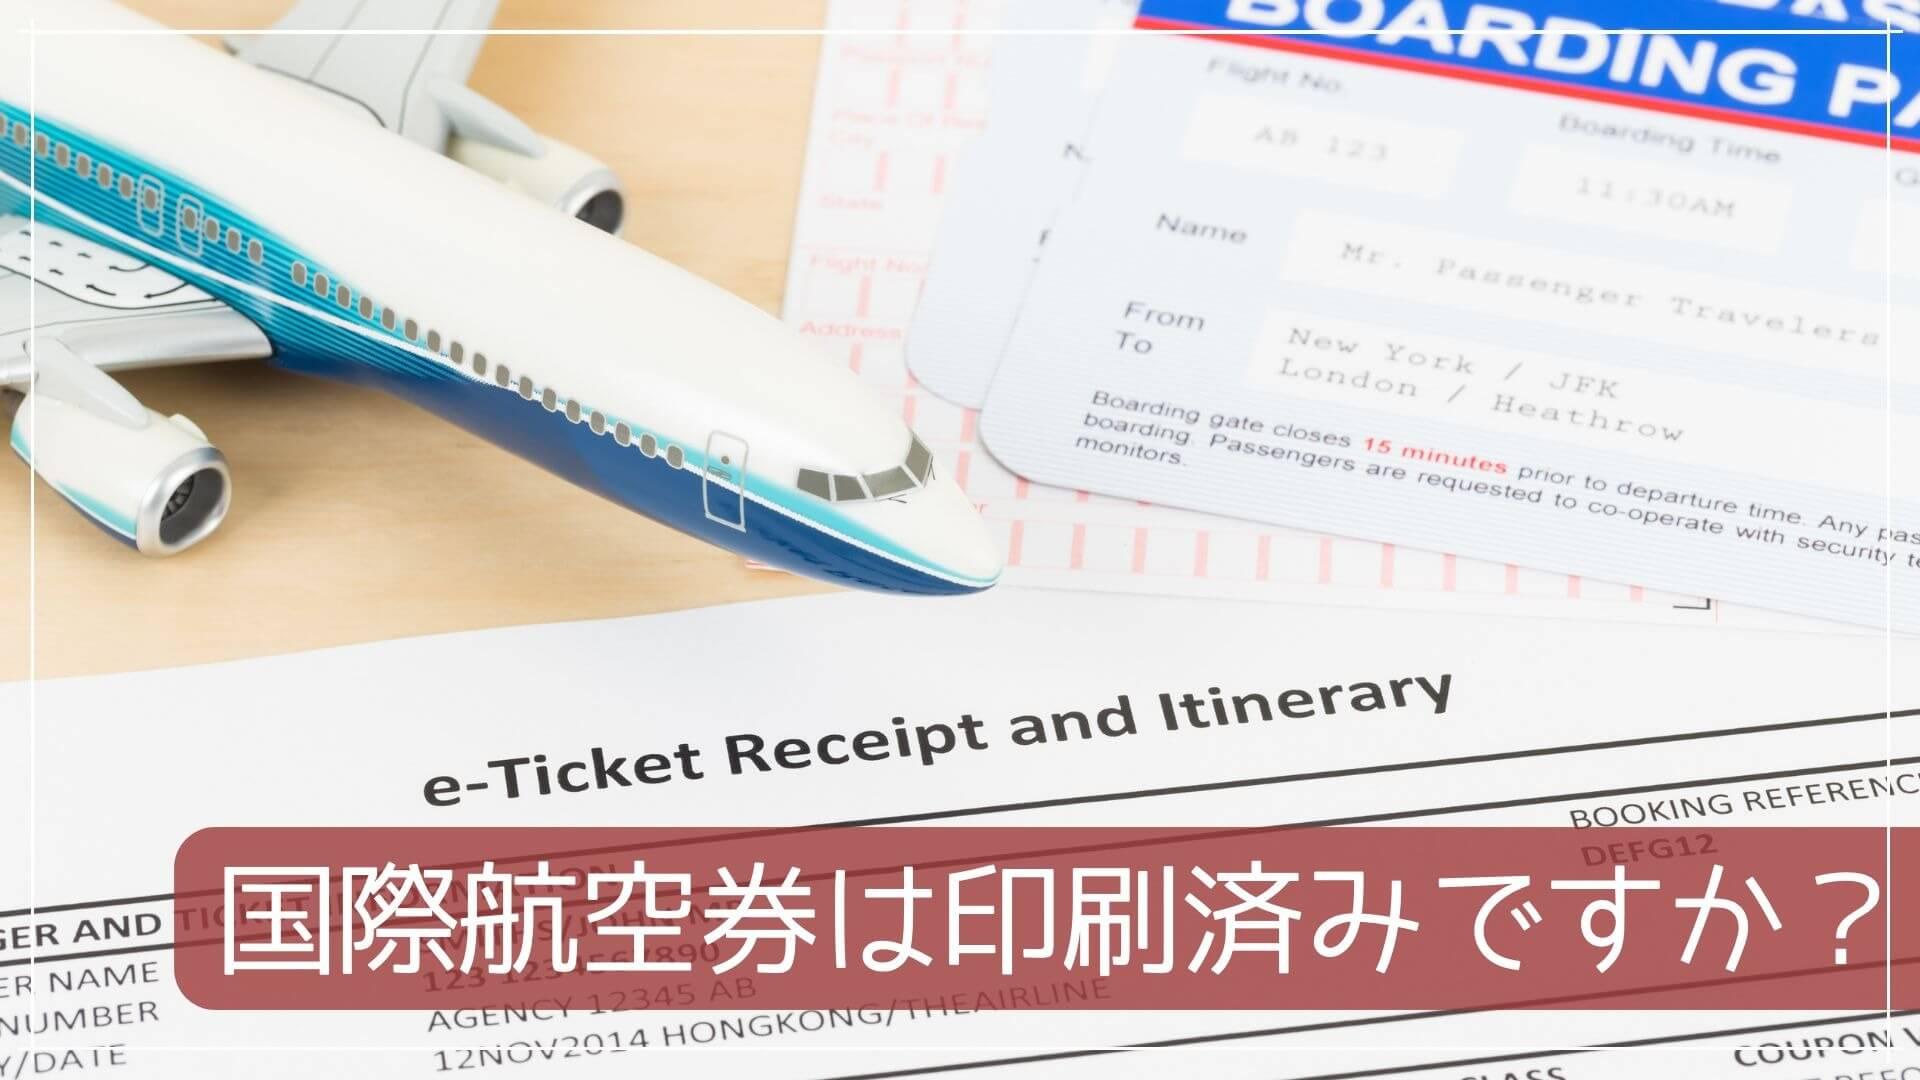 国際航空券は印刷済みですか?